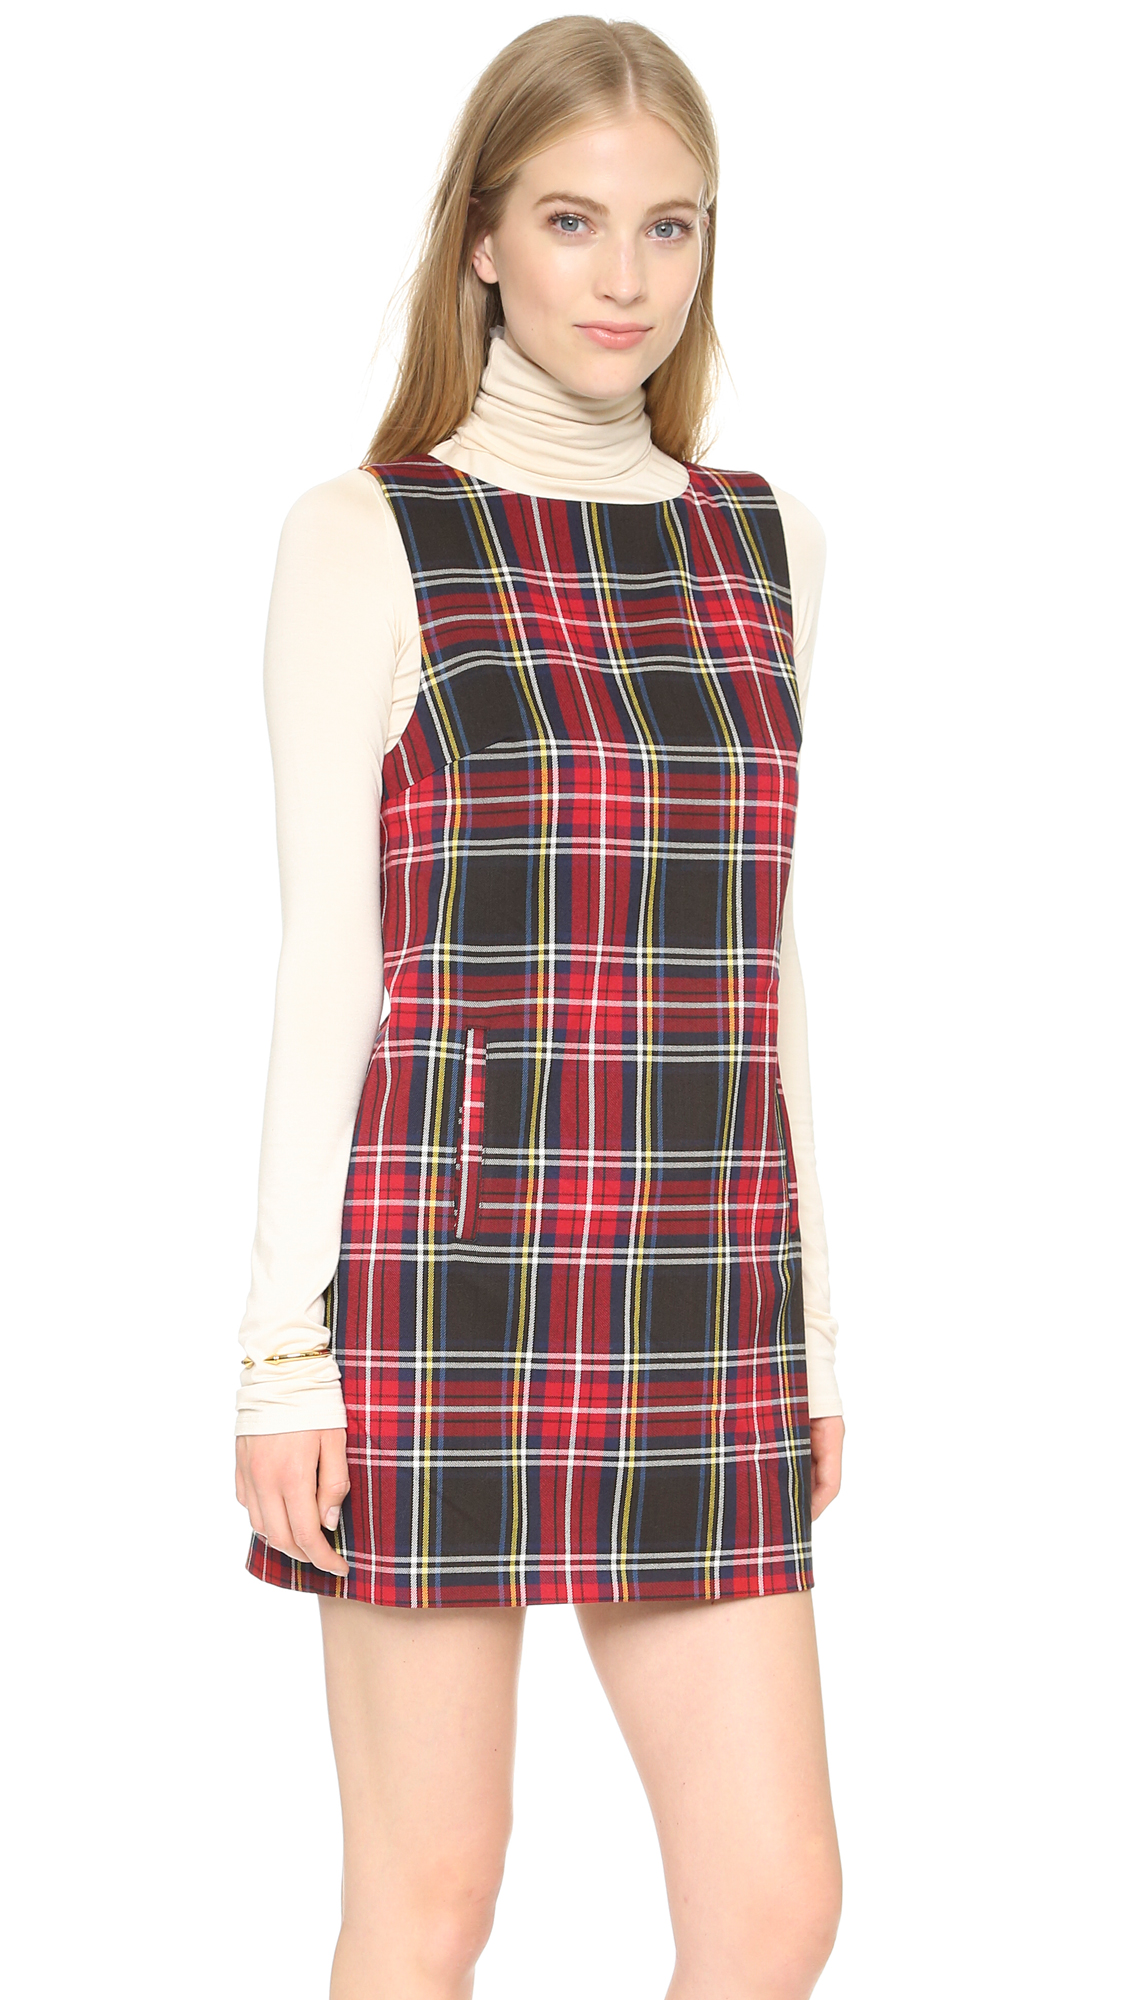 6aa3059f293 BB Dakota Harlow Tartan Plaid Shift Dress